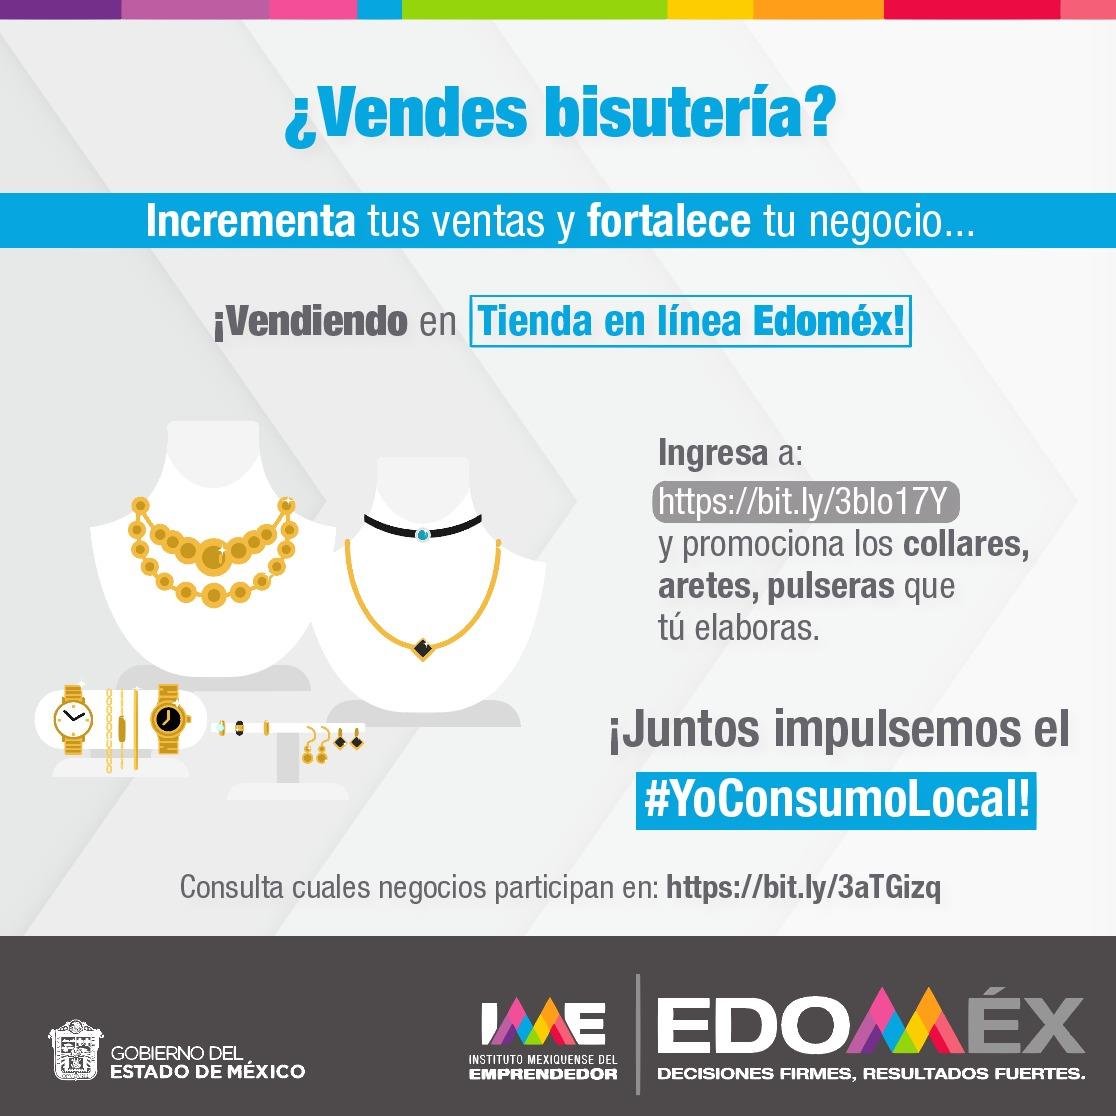 #Entérate | La @SedecoEdomex , a través del @IM_Emprendedor y de la Dirección General de Comercio presentaron la campaña #YoConsumoLocal a las autoridades de los 125 municipios mexiquenses, puedan promover sus productos y servicios. https://bit.ly/2W1LpInpic.twitter.com/WG9qO4ldr8